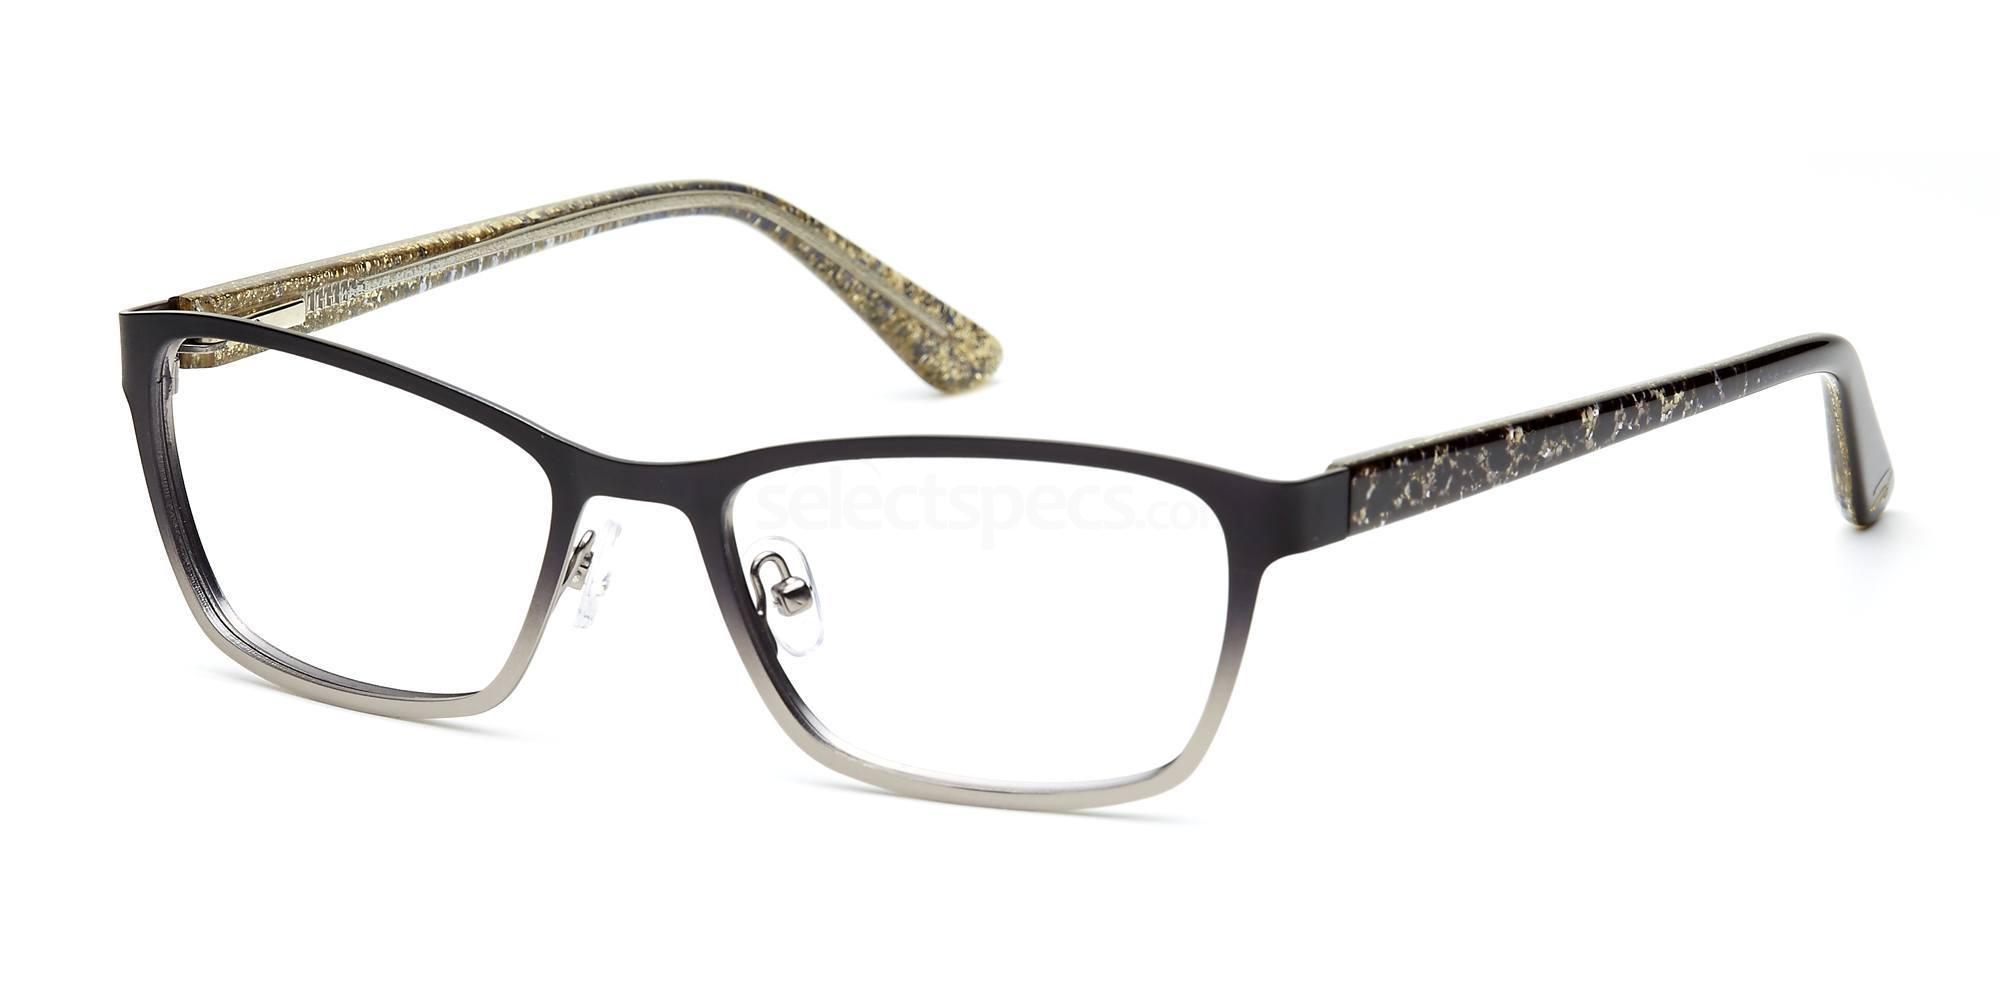 C1 MMO145 Glasses, Marilyn Monroe